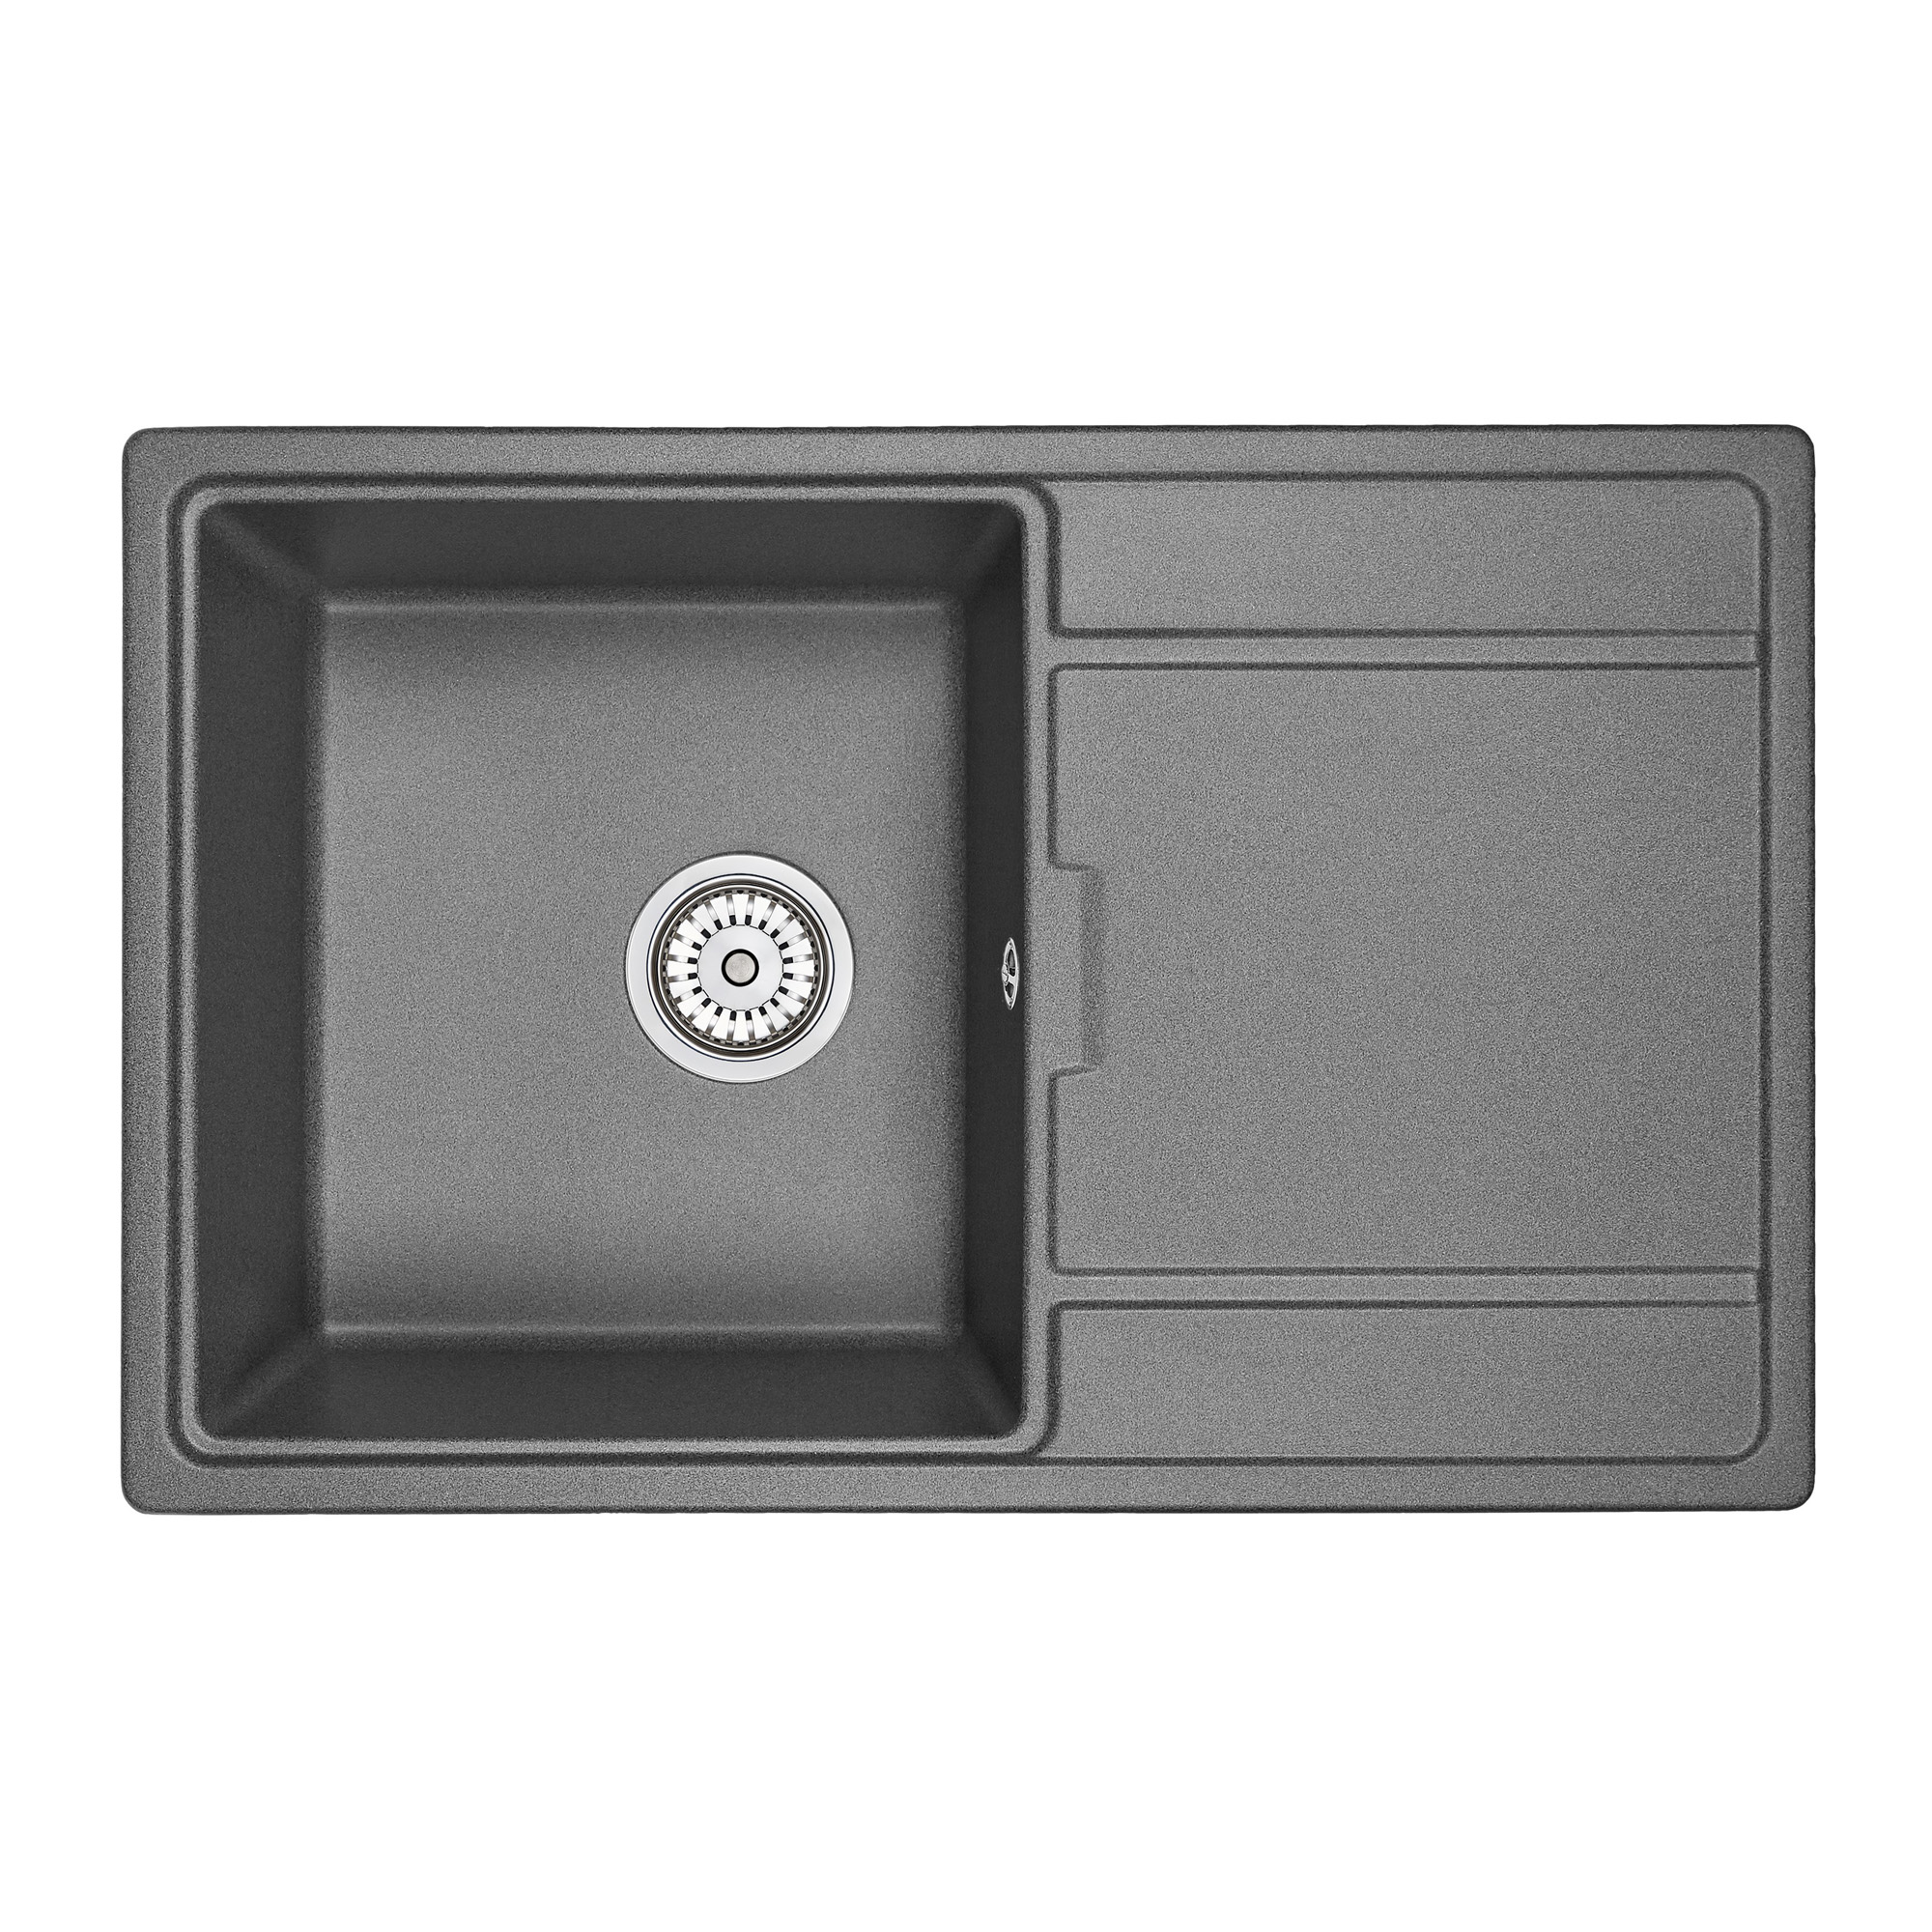 Кухонная мойка Granula GR-7804 780х500 графит кухонная мойка teka centroval mic